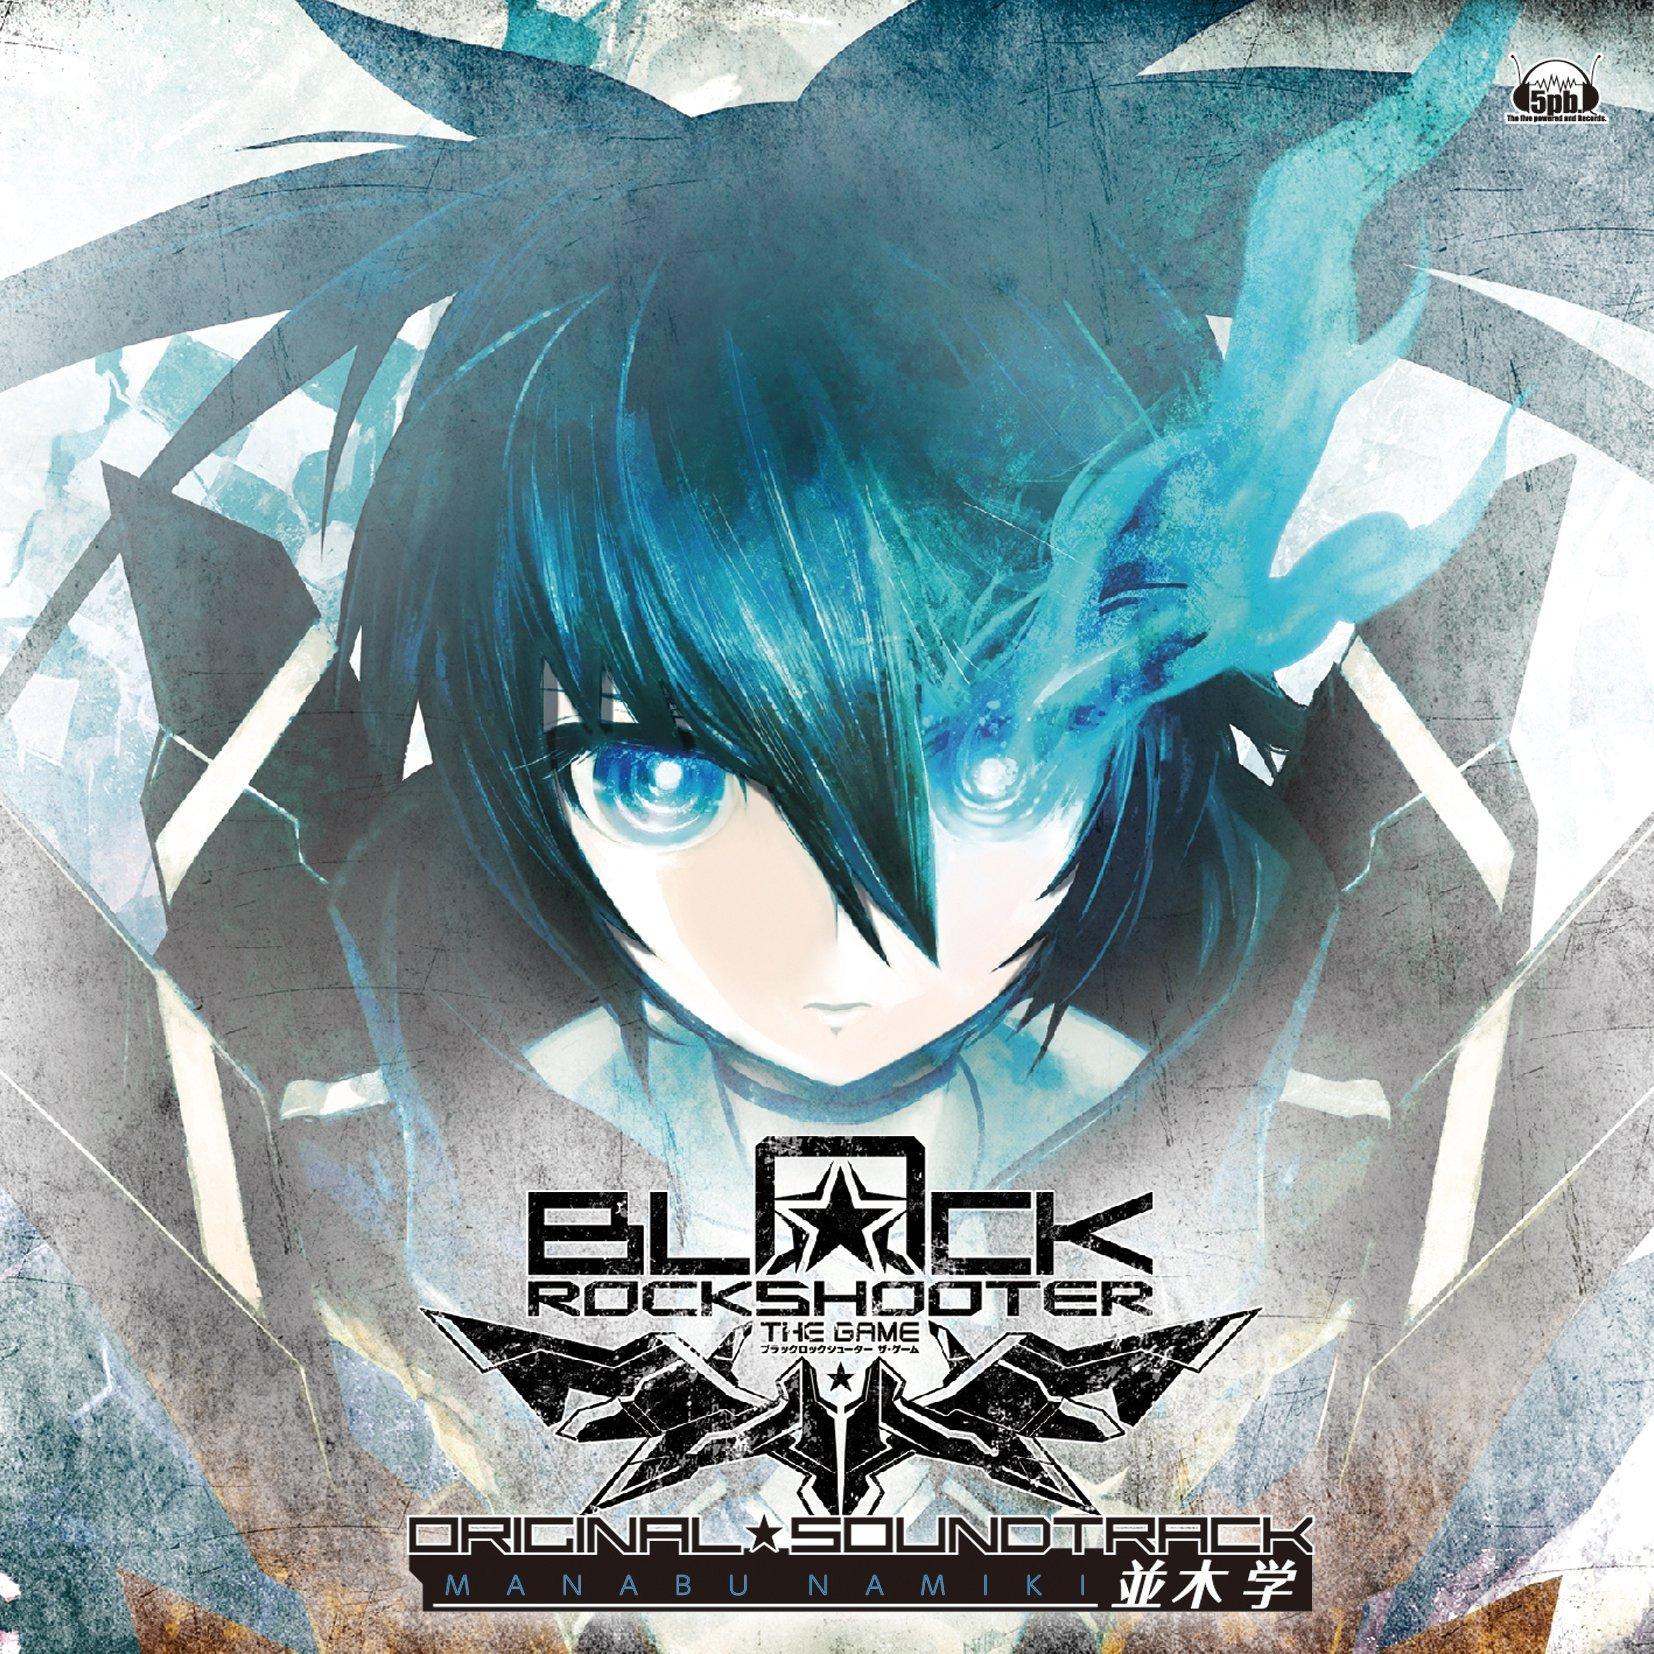 Black Rock Shooter The Game Original Soundtrack Black Rock